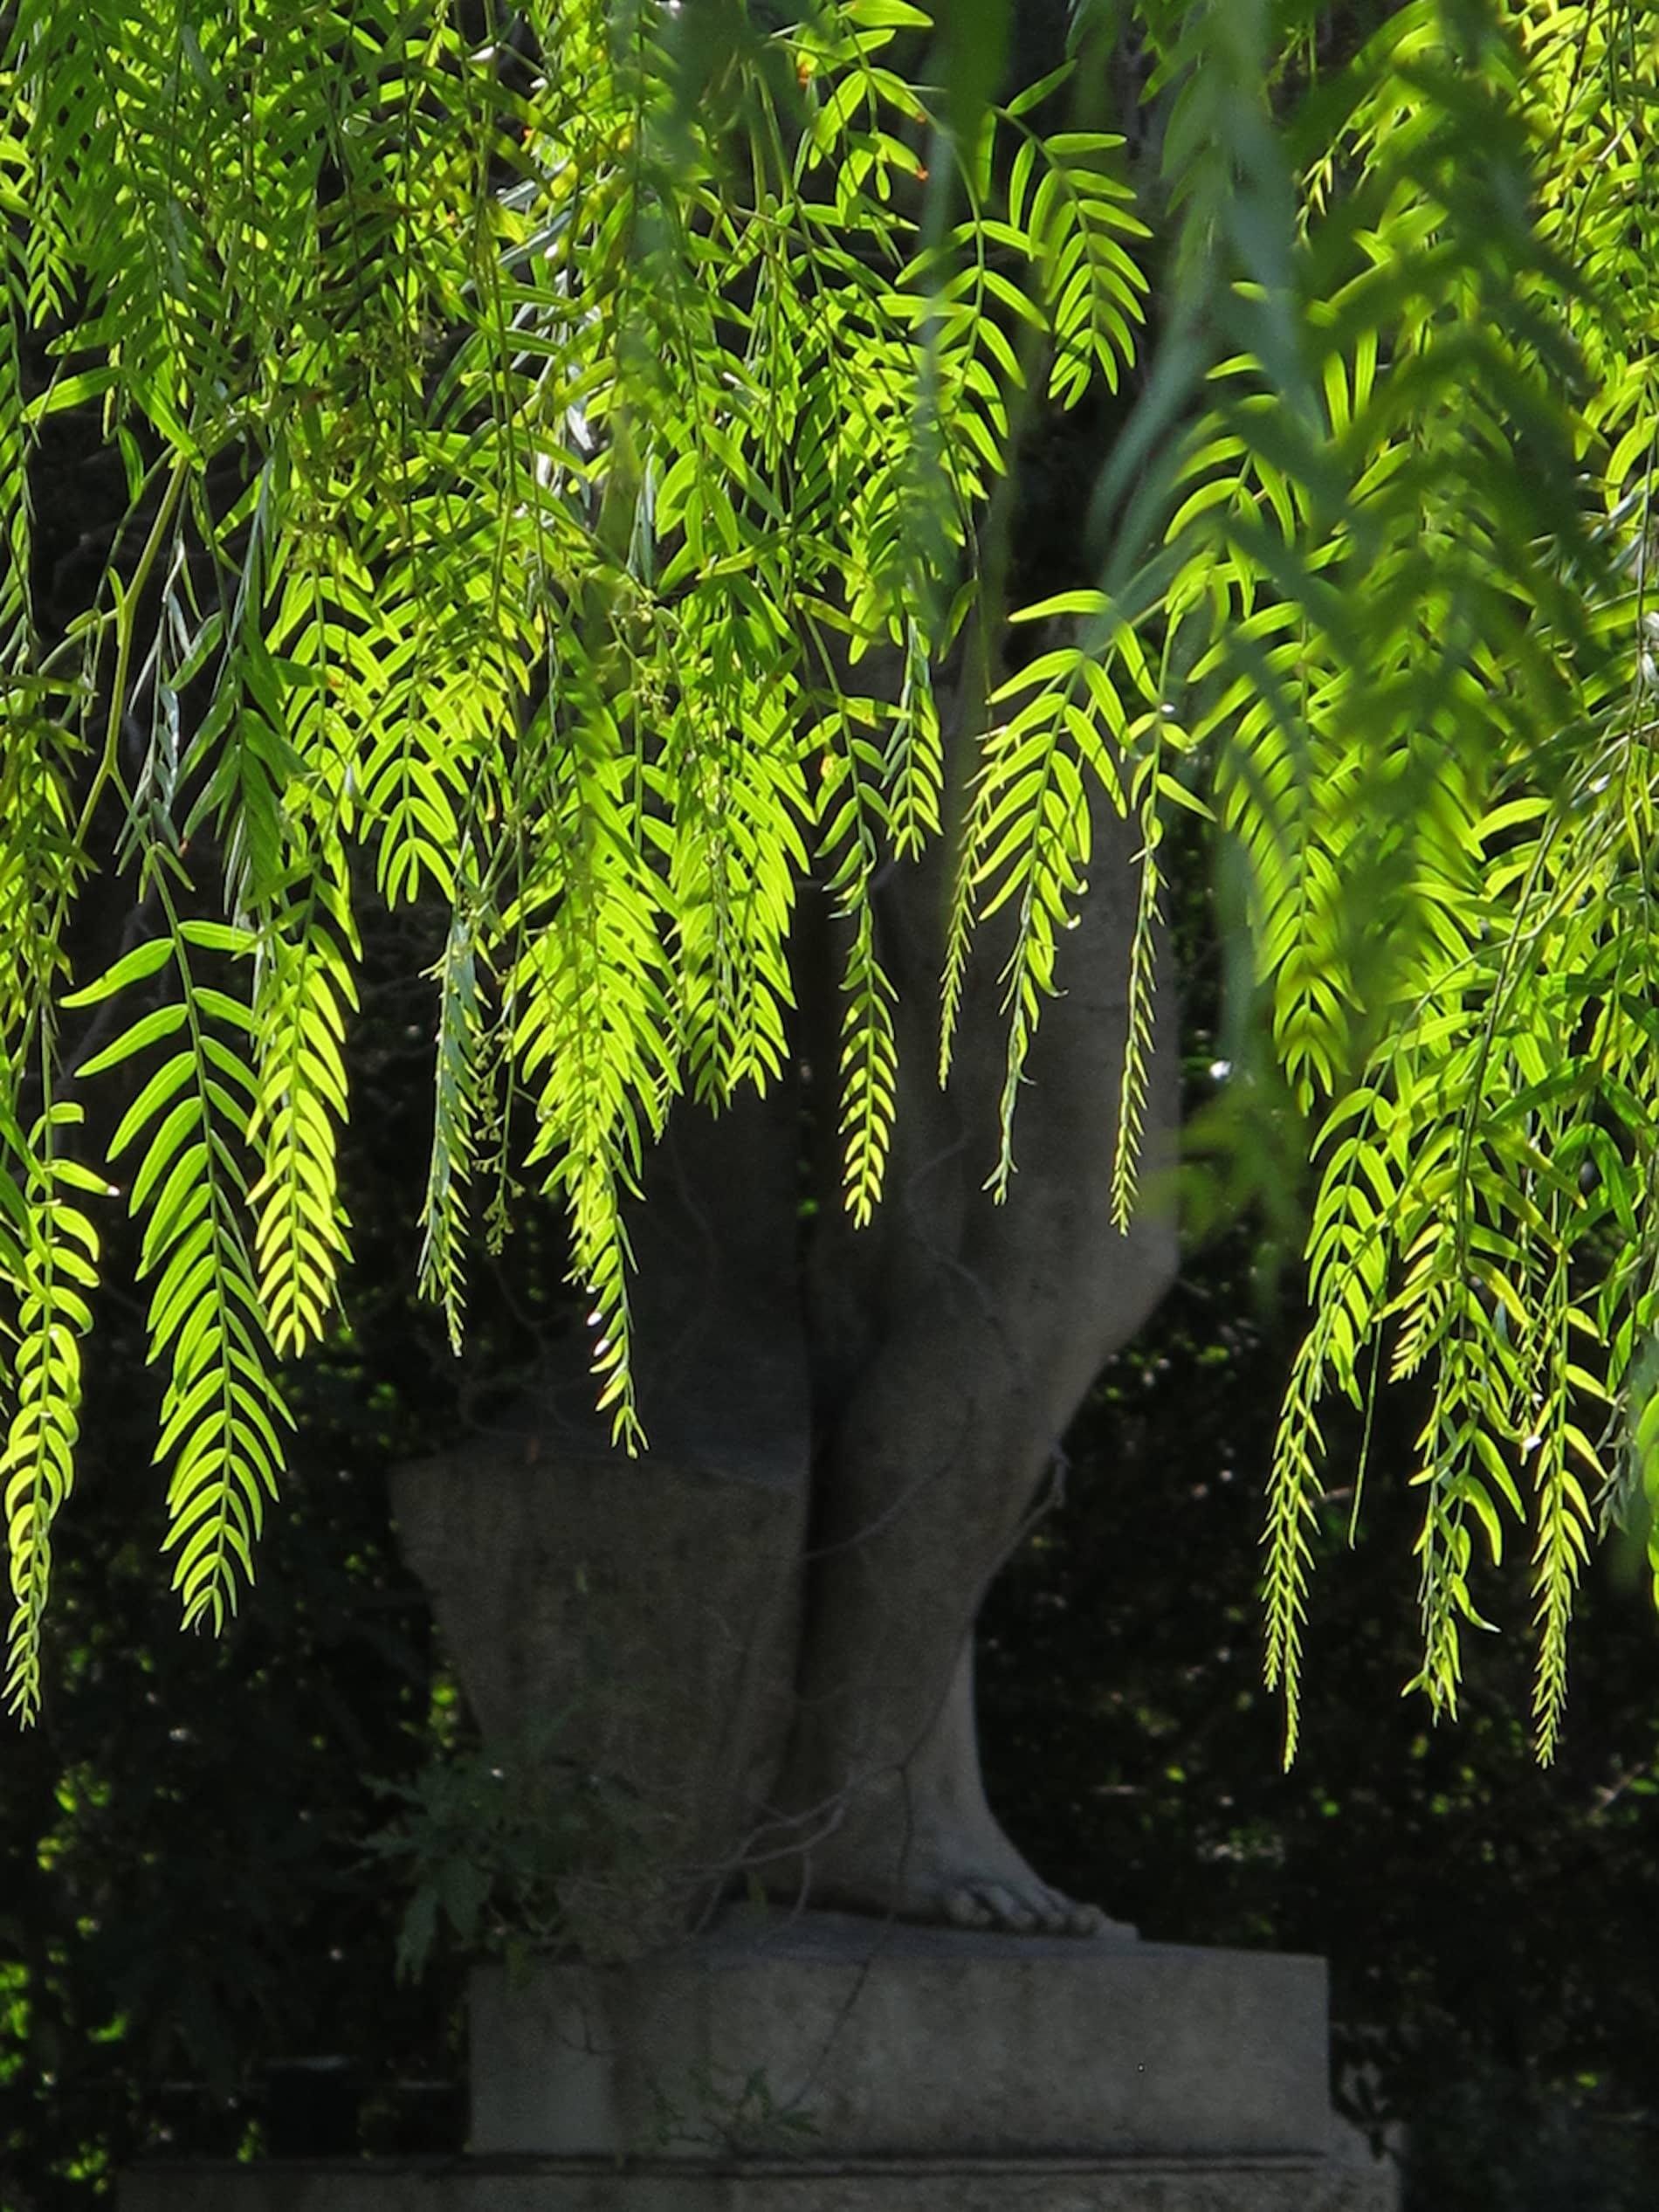 jardim-eduardo_vii-lisboa-11